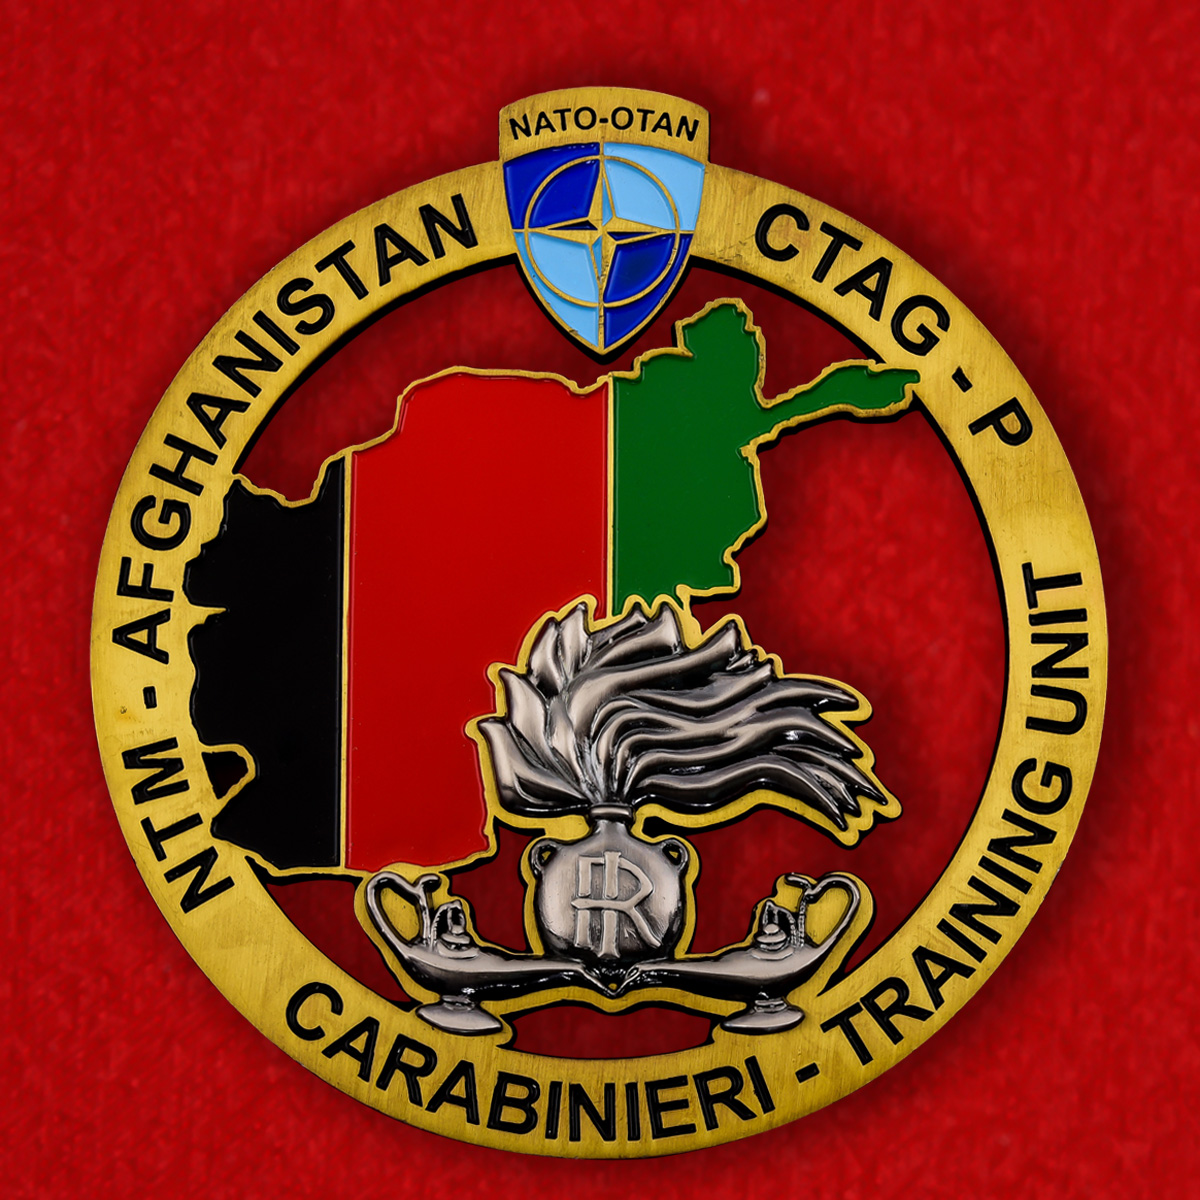 Знак итальянских карабинеров в составе учебной миссии НАТО в Афганистане